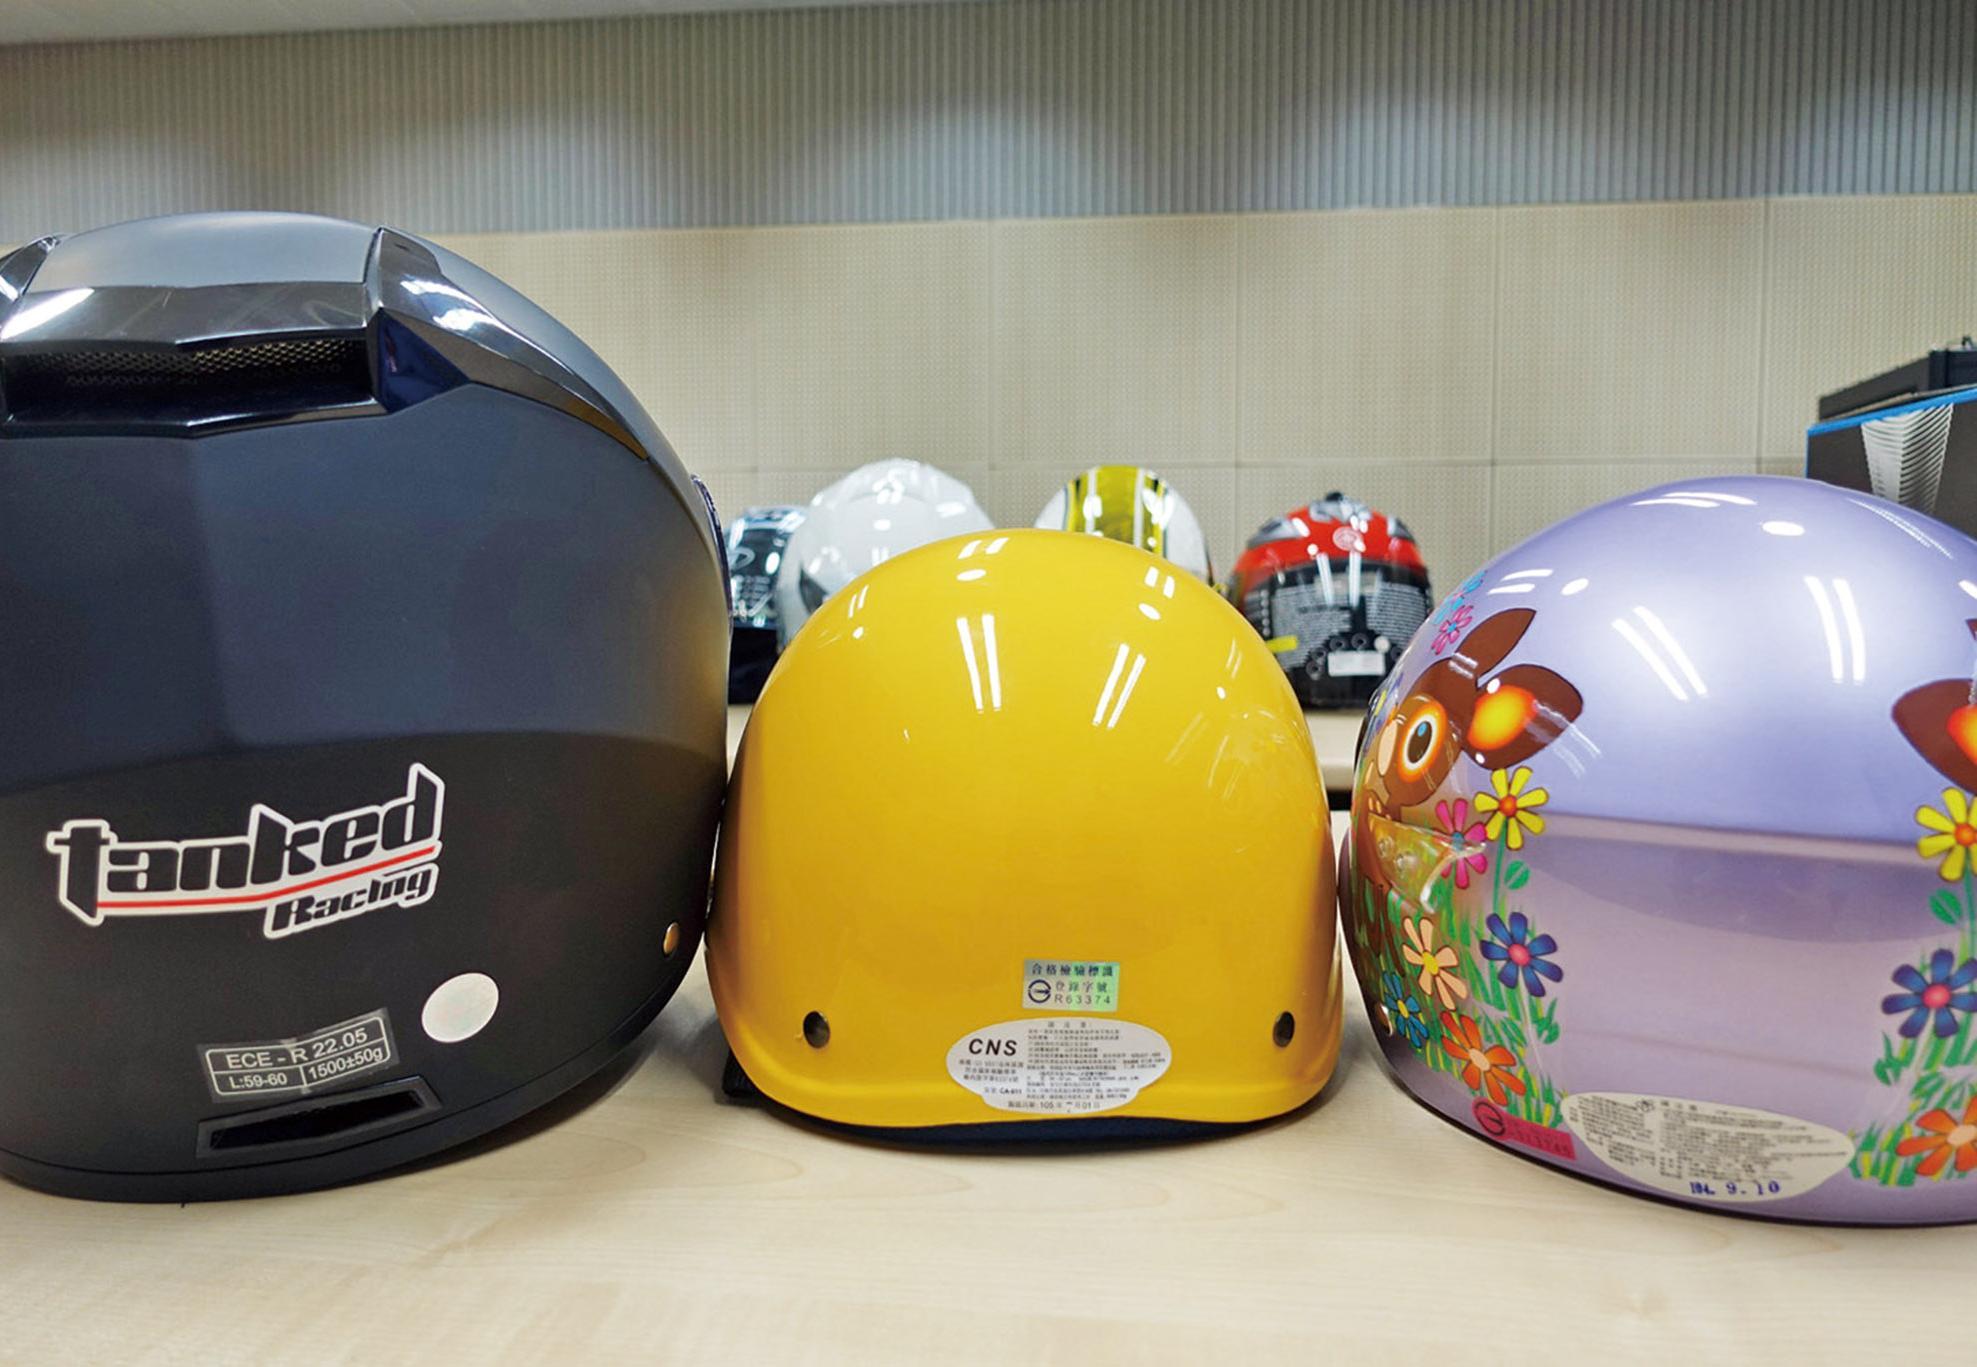 處理舊頭盔方案下月上旬公布